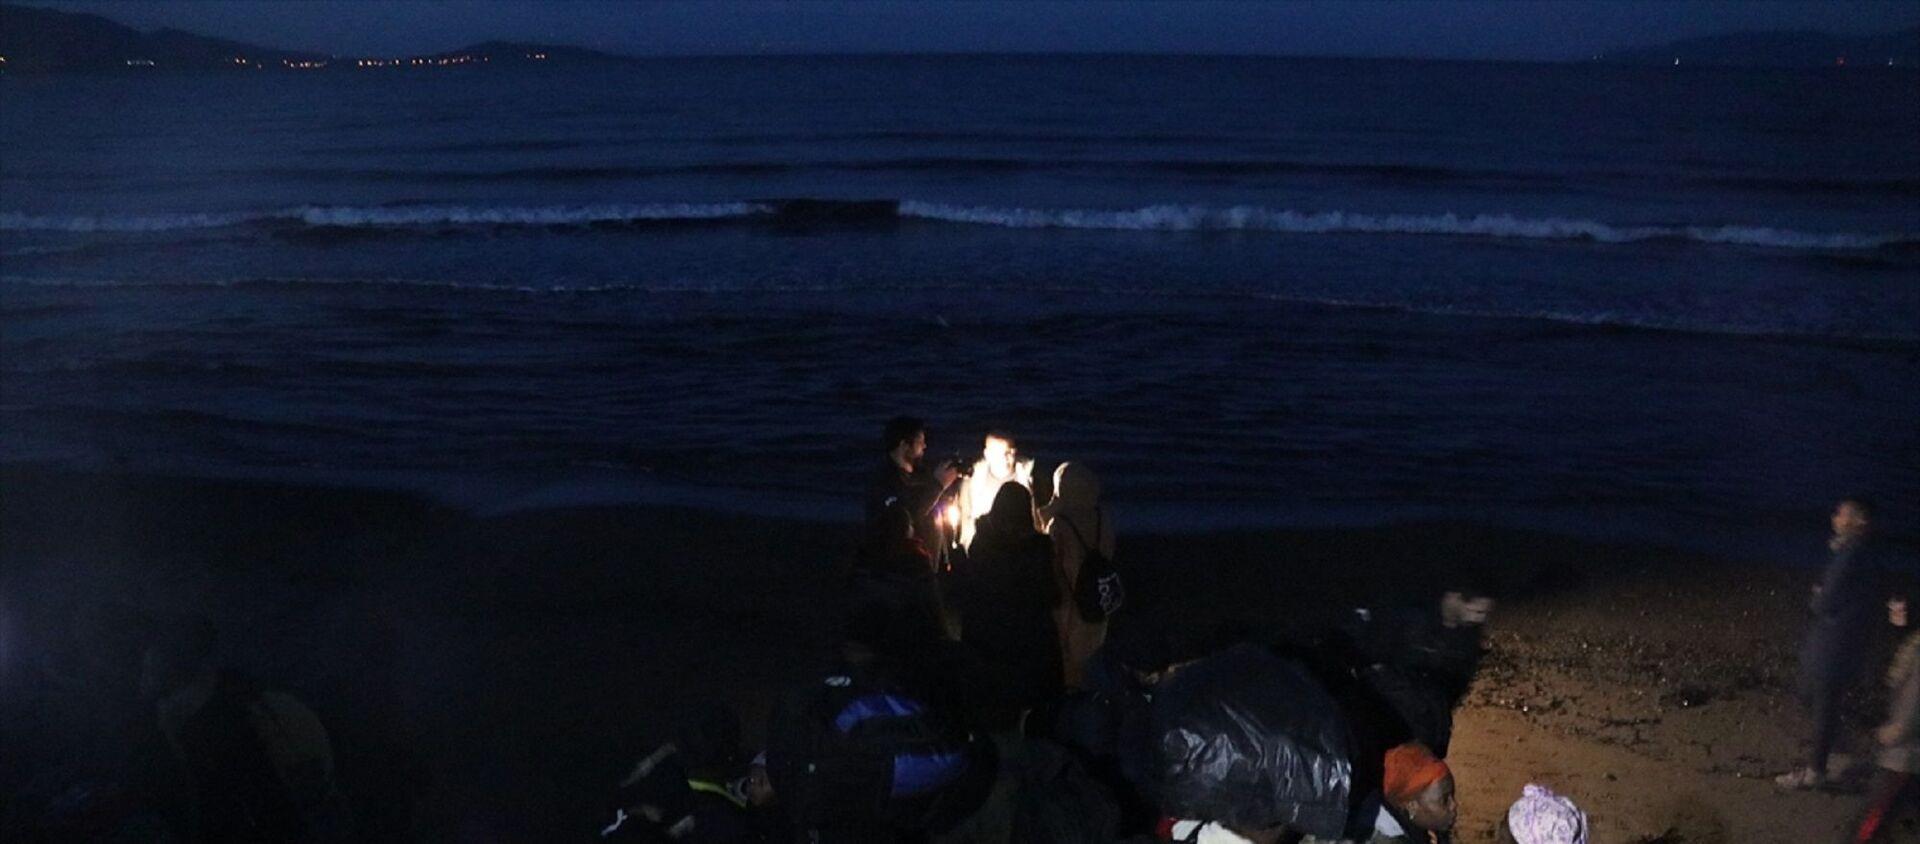 İzmir'de düzensiz göçmen hareketliliği arttı. Dün geceden bu yana Yunan adalarına geçmek isteyen düzensiz göçmenler, Ege'deki sahil bölgelerine hareket etti. - Sputnik Türkiye, 1920, 14.06.2021